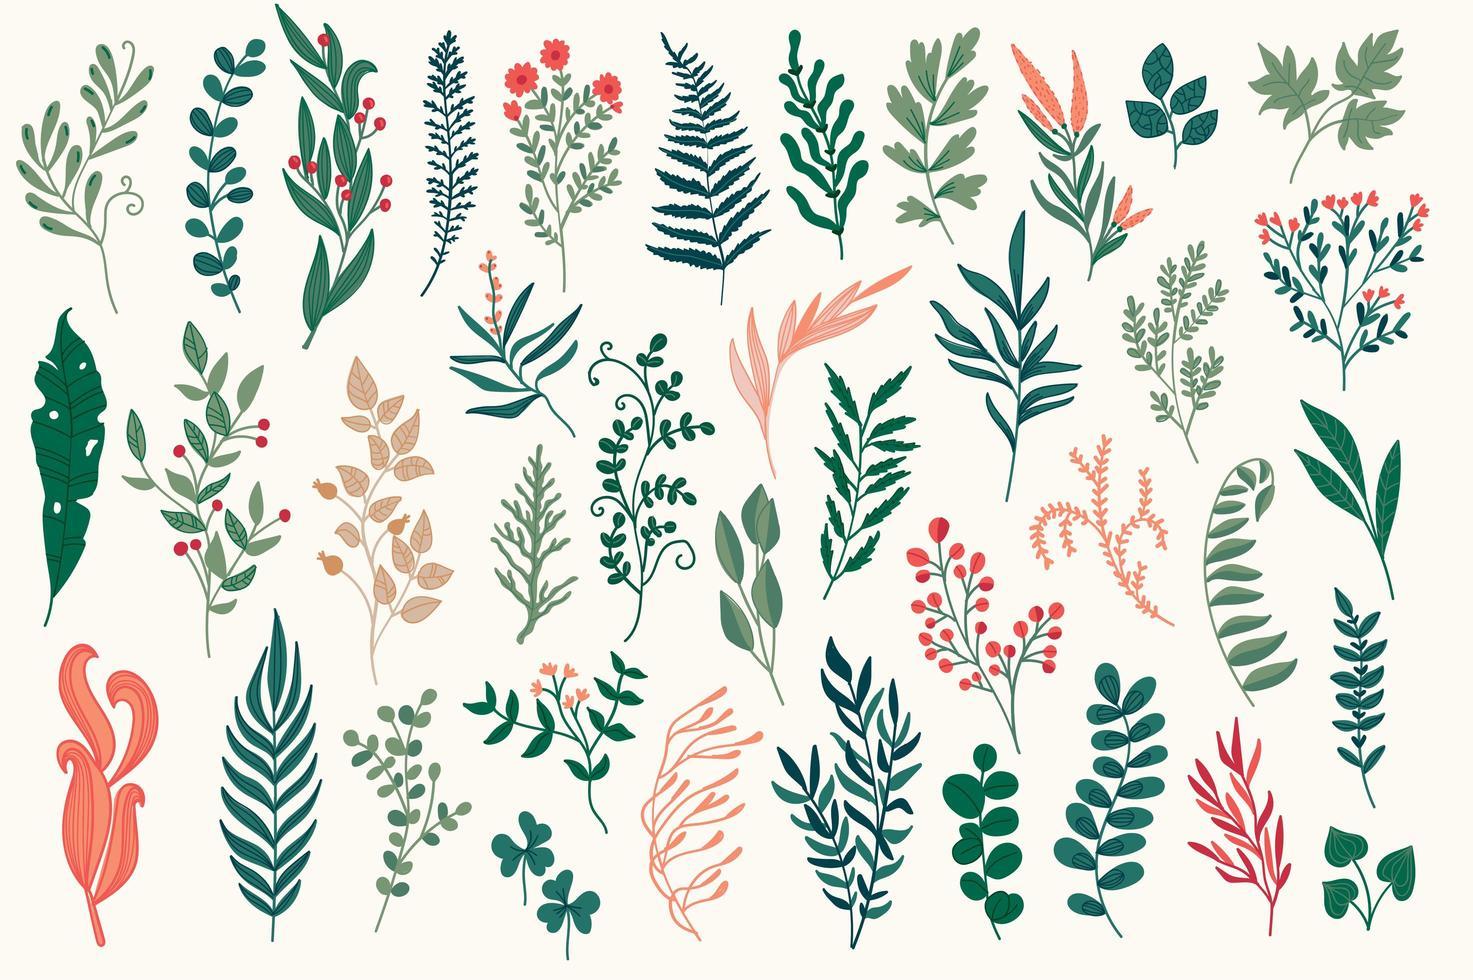 handgezeichnete florale dekorative Elemente gesetzt. vektor